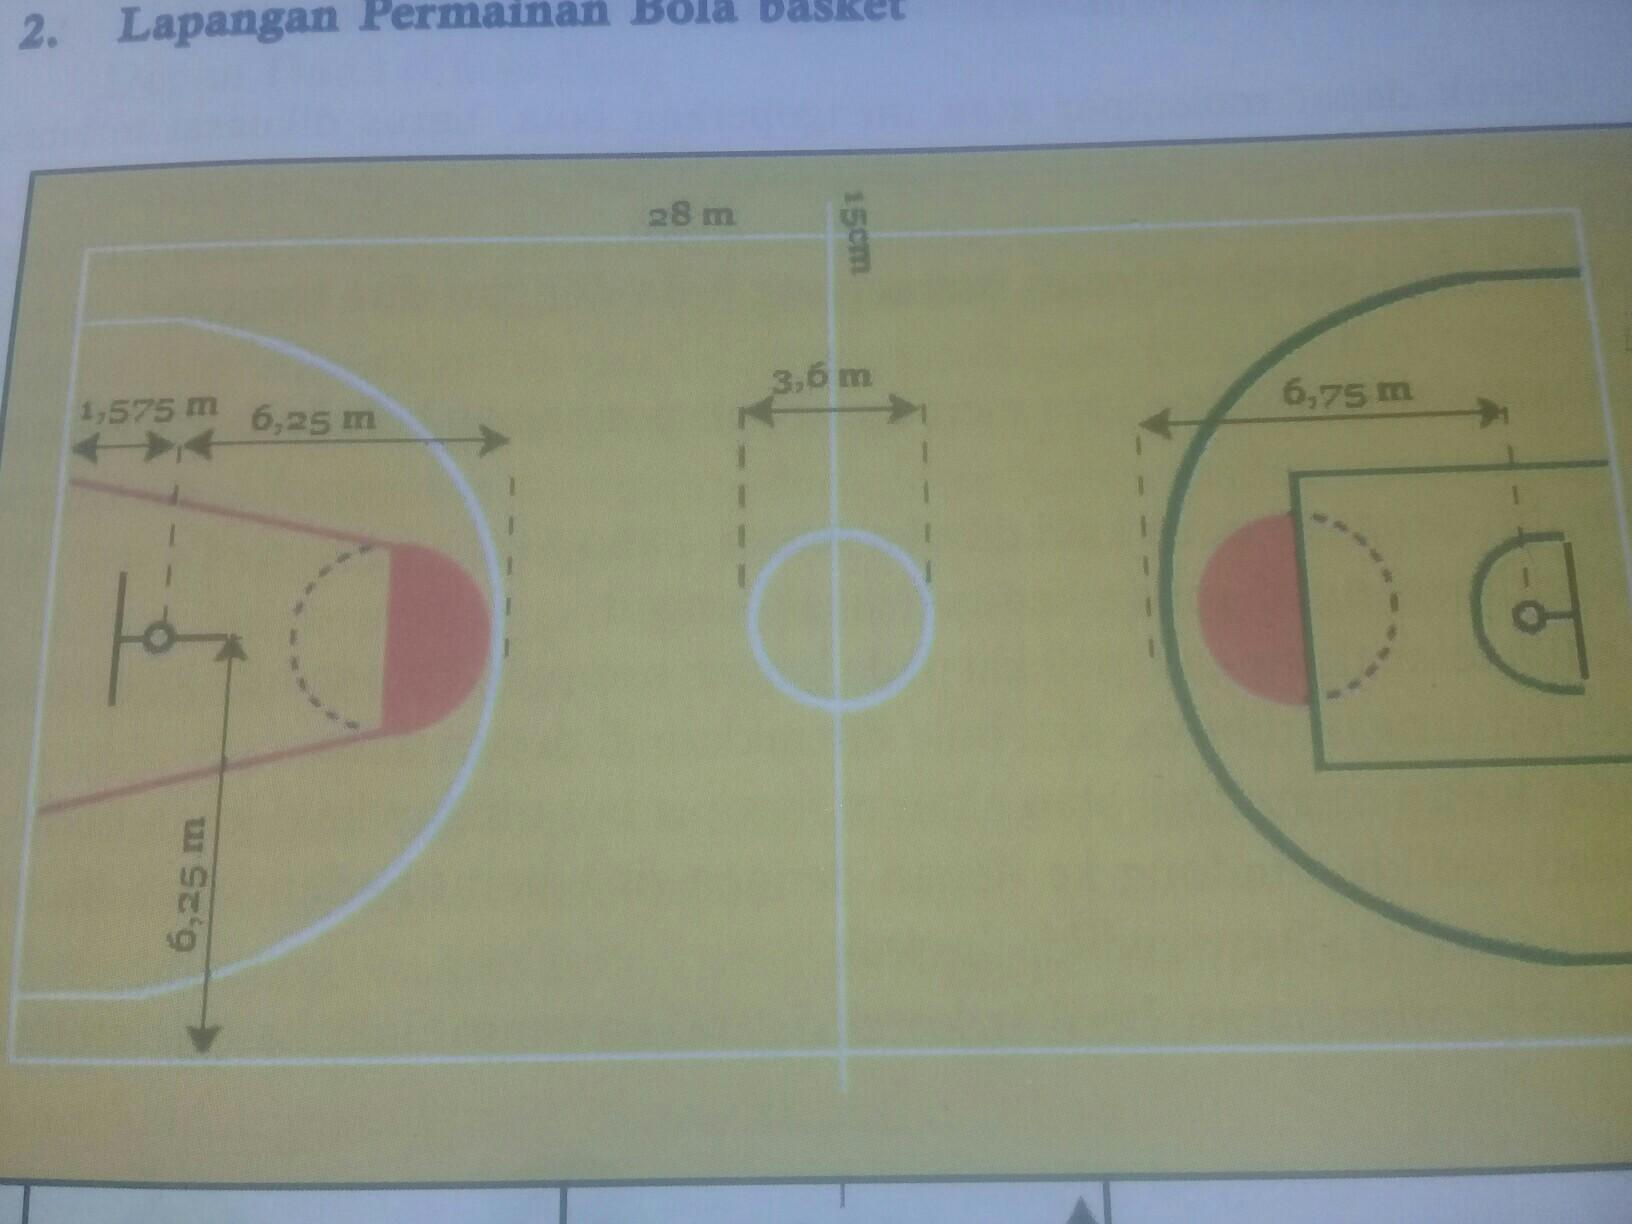 Gambar Lapangan Bola Basket Beserta Ukuran Brainly Co Id